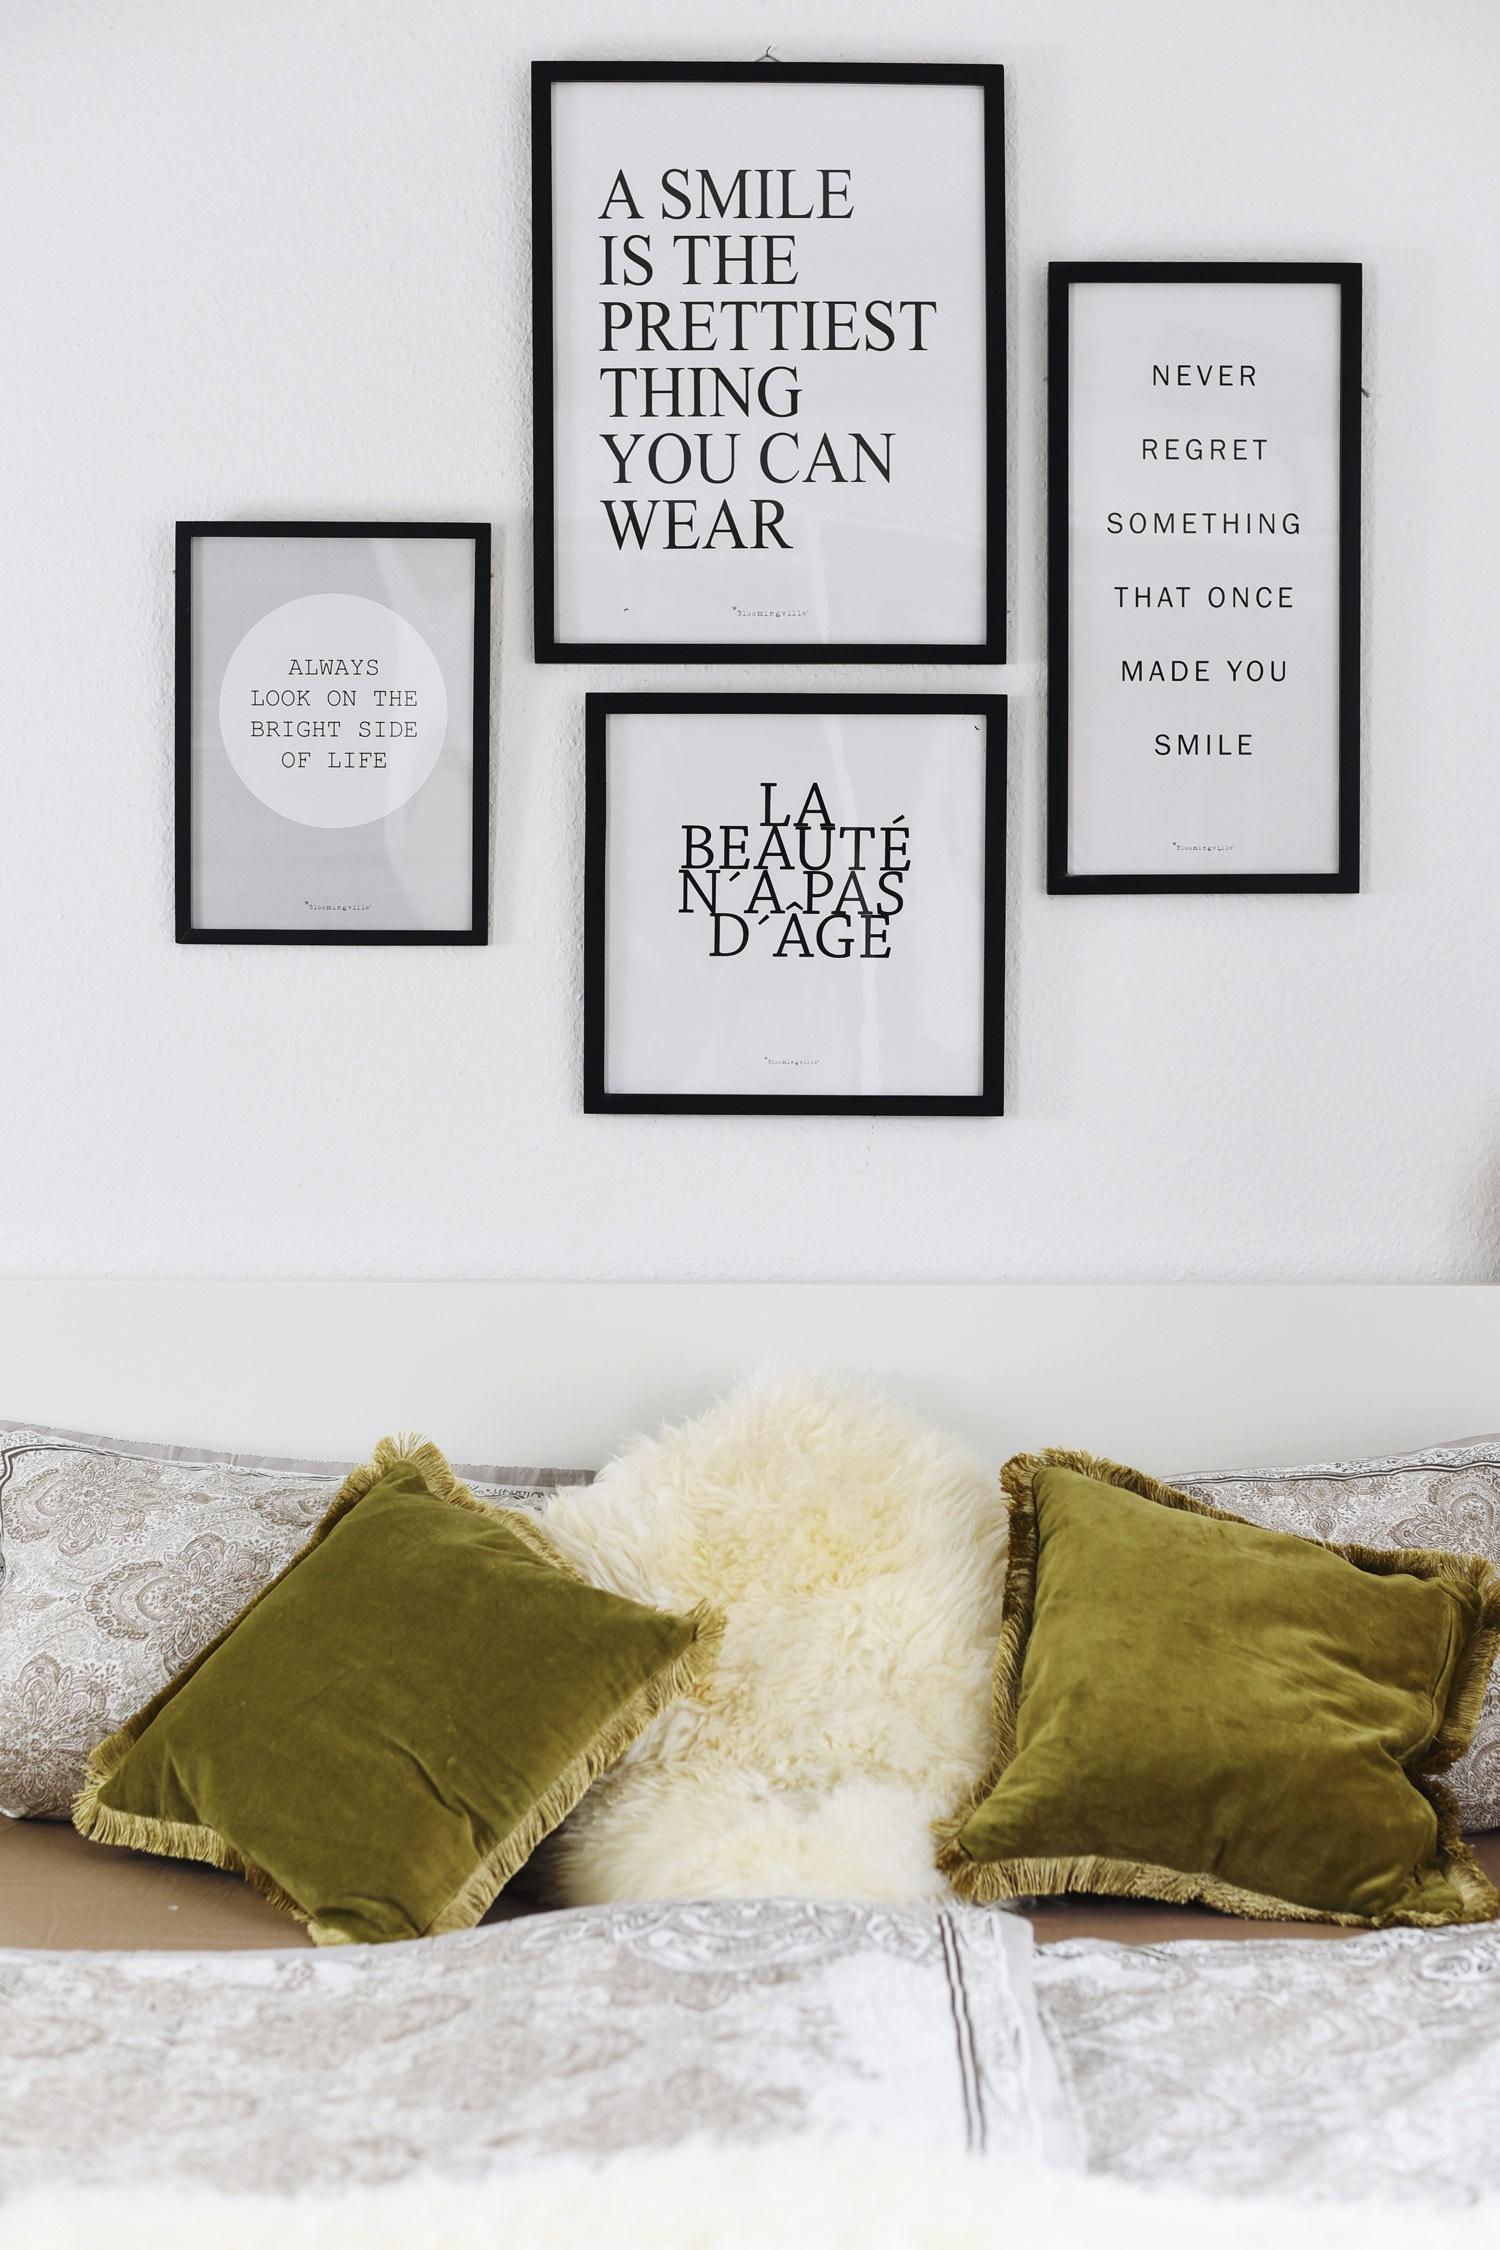 schlafzimmer-in-erdtönen-dekorieren-paisley-bettdecke-fashiioncarpet